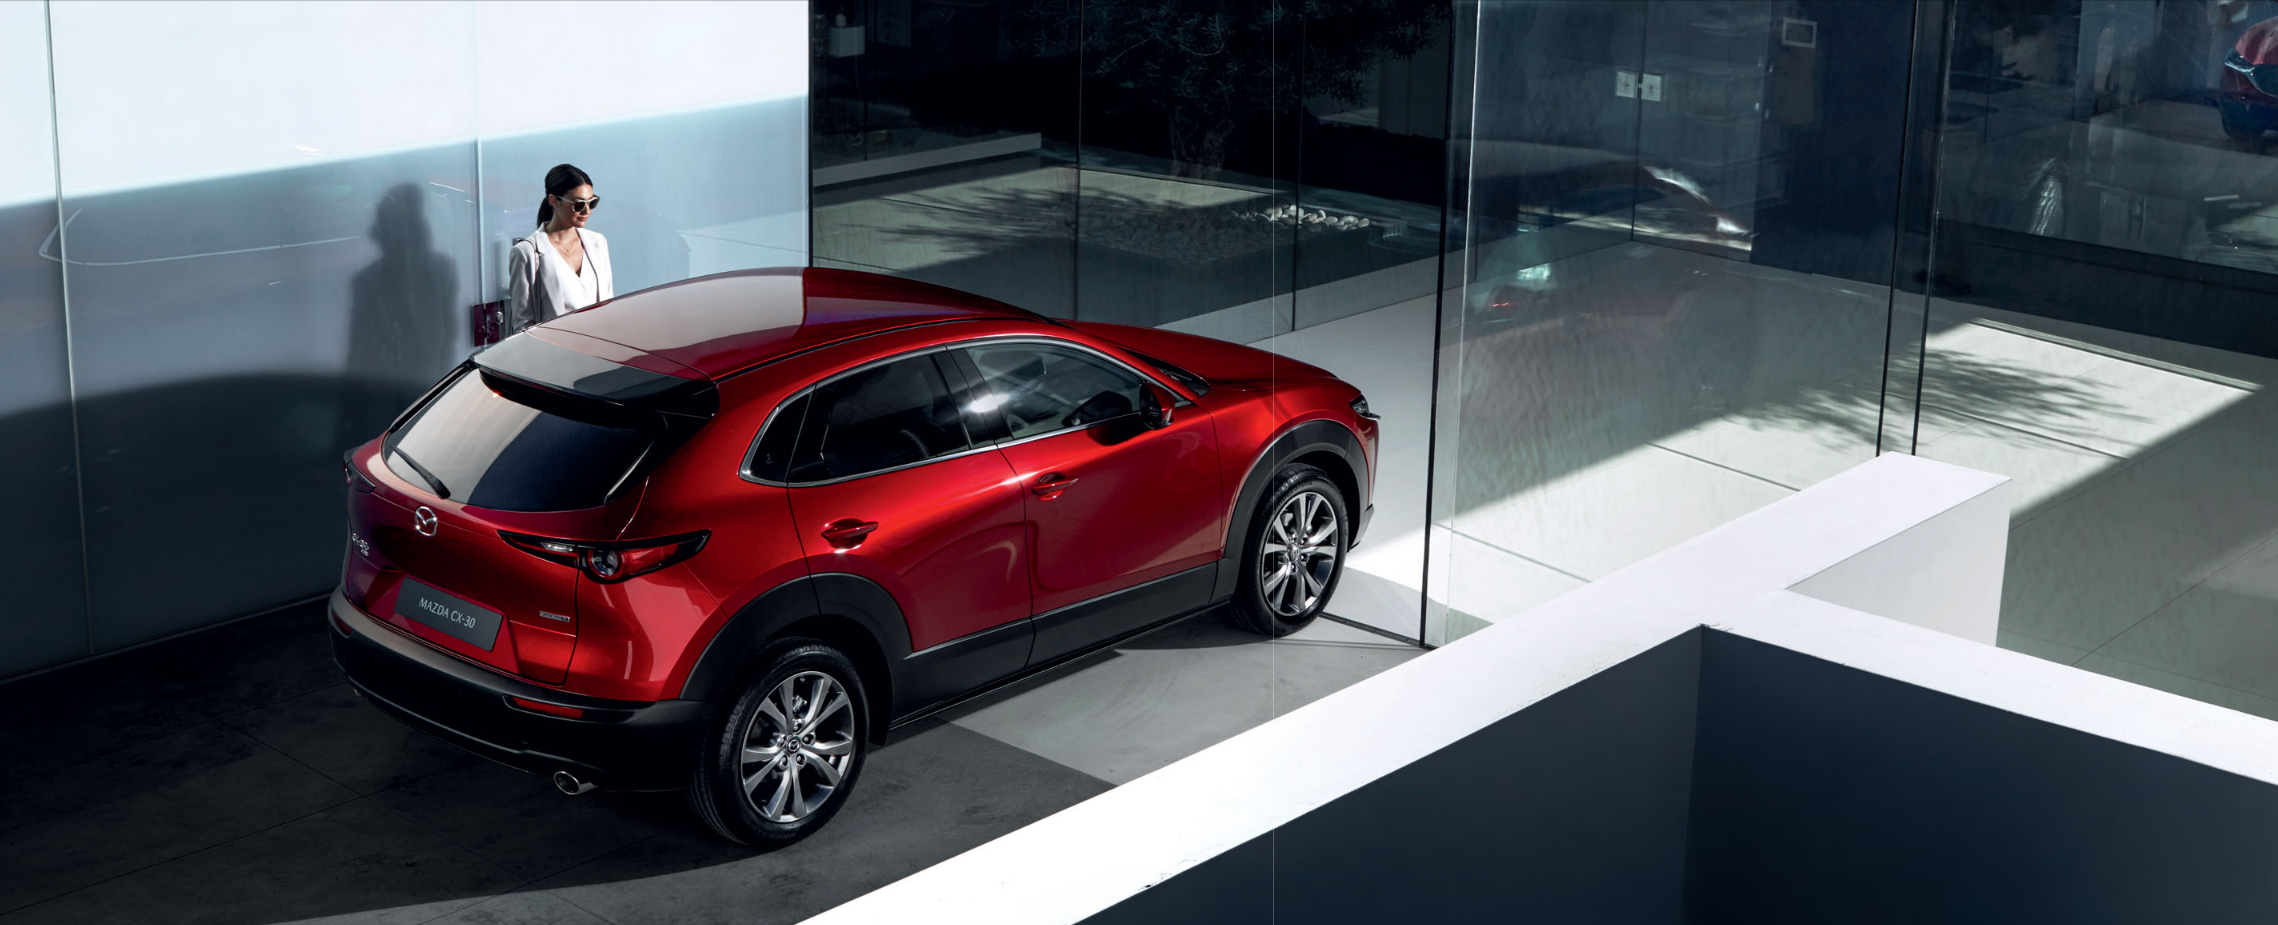 Mazda CX-30 Detail der Modellabbildung in schräger Heckansicht in moderner Umgebung, Modellfarbe rot